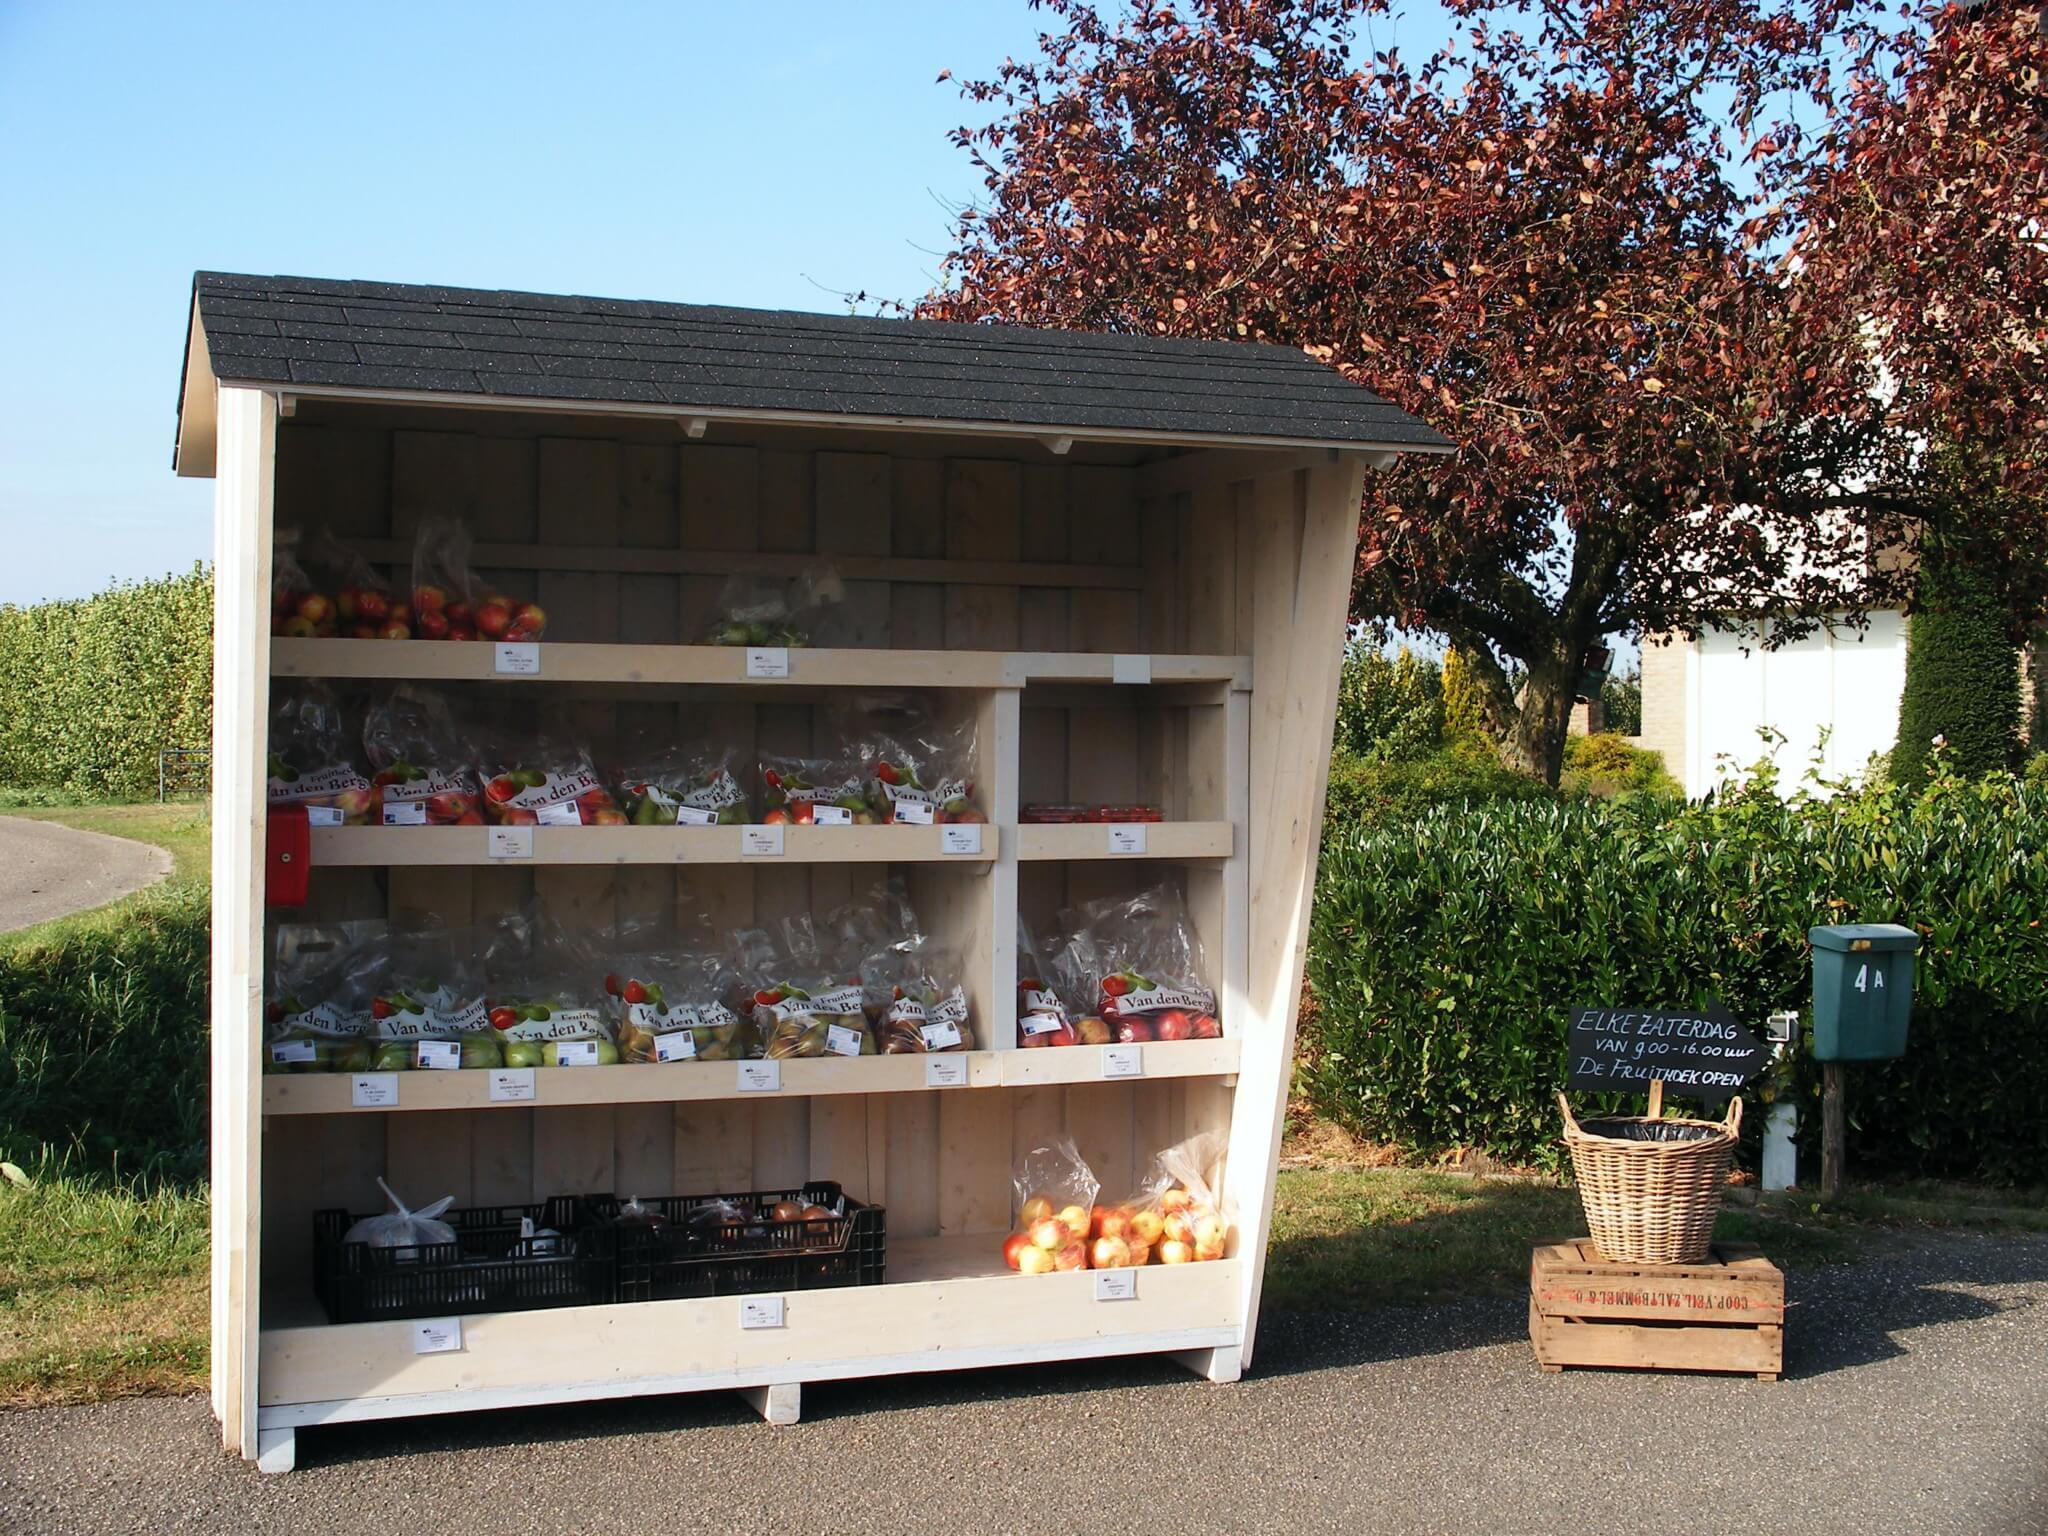 fruitbedrijf-van-den-berge_verkoop-van-producten_verkoopstand